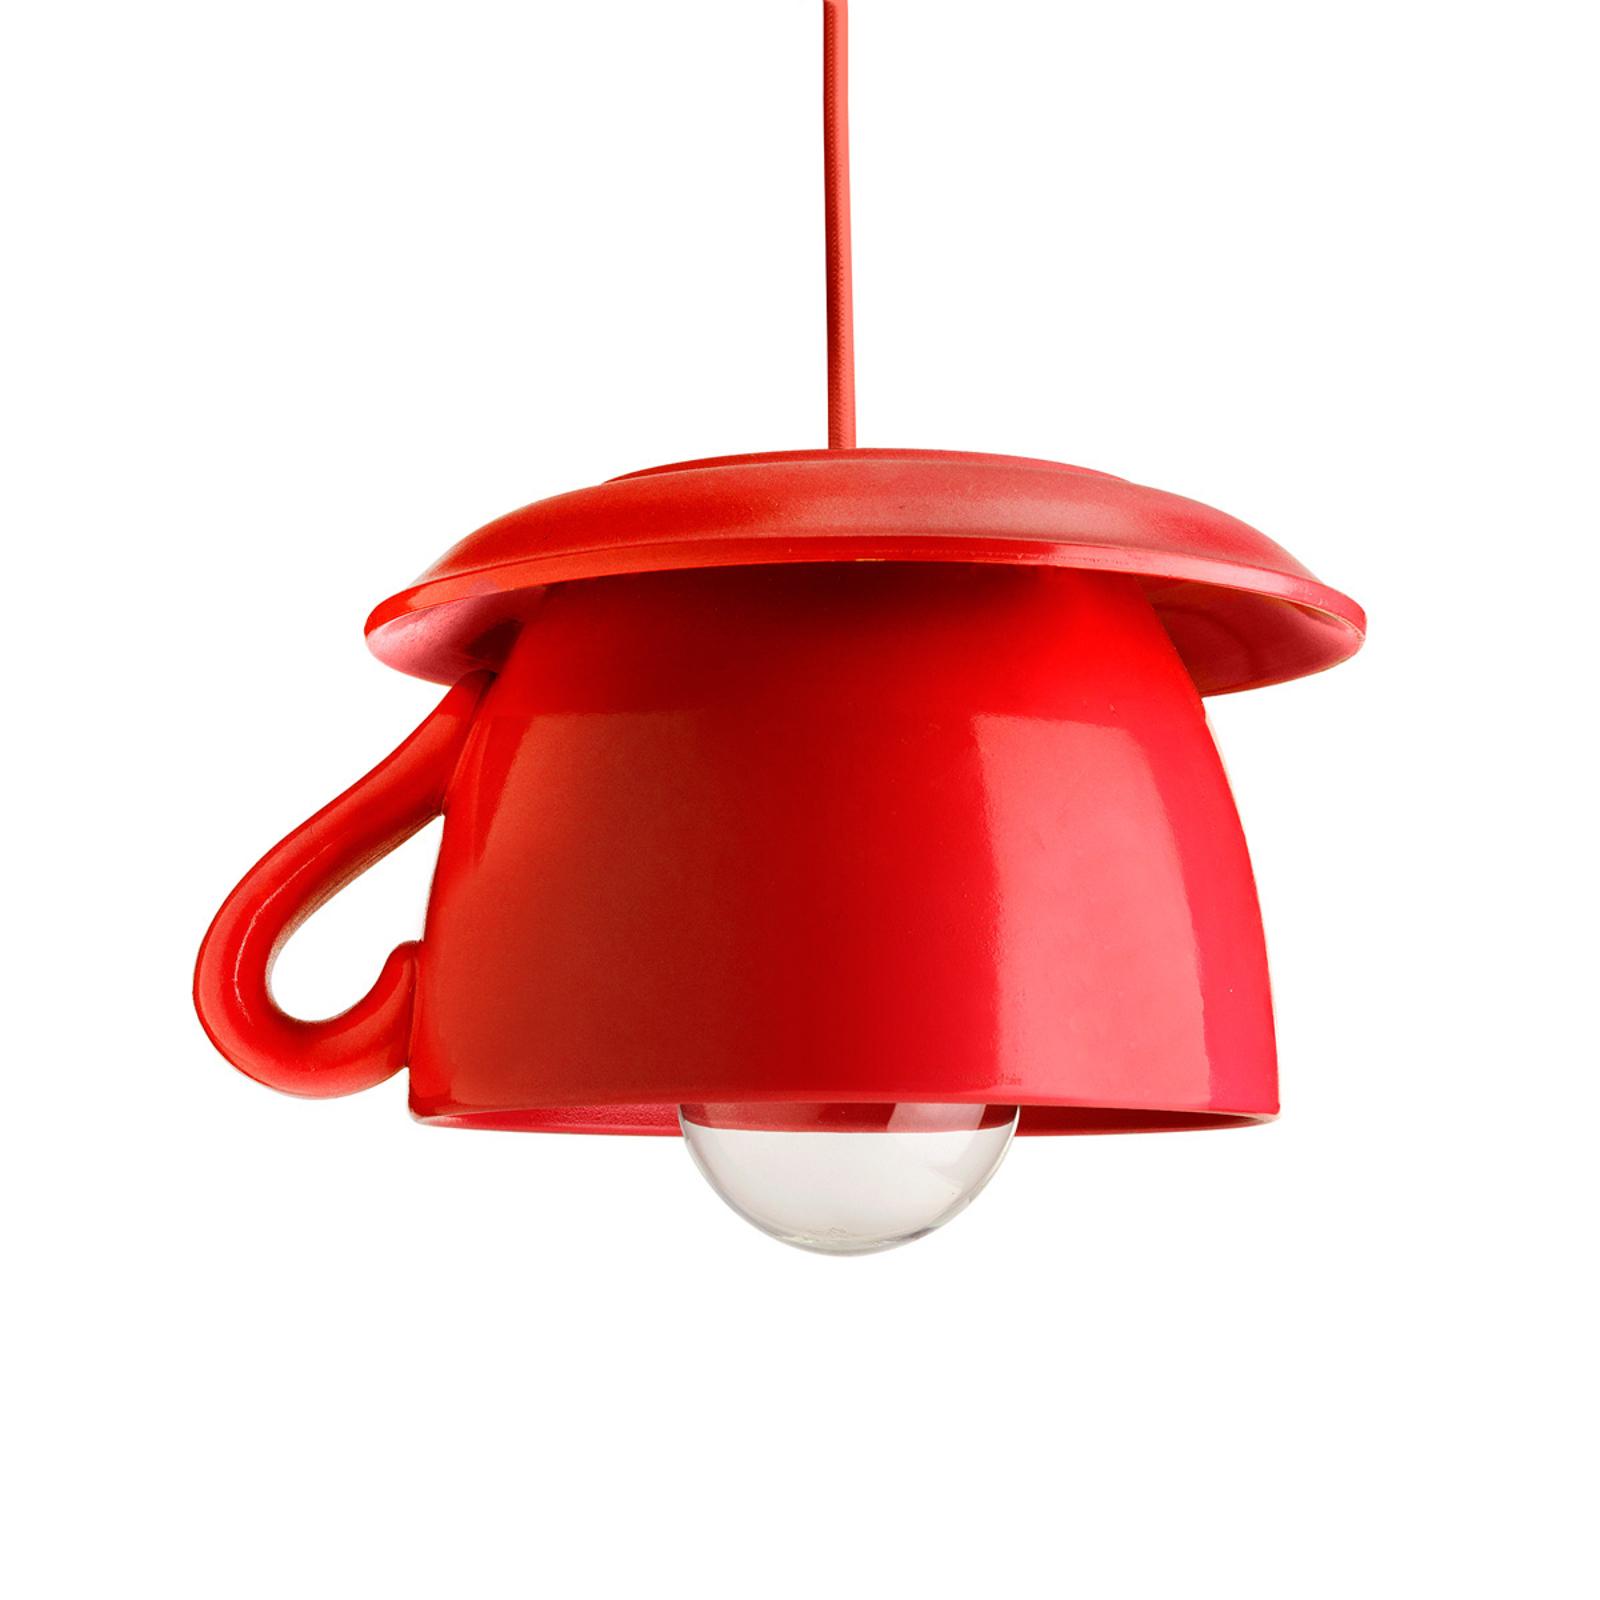 Tazza-czerwona ceramiczna lampa wisząca do kuchni